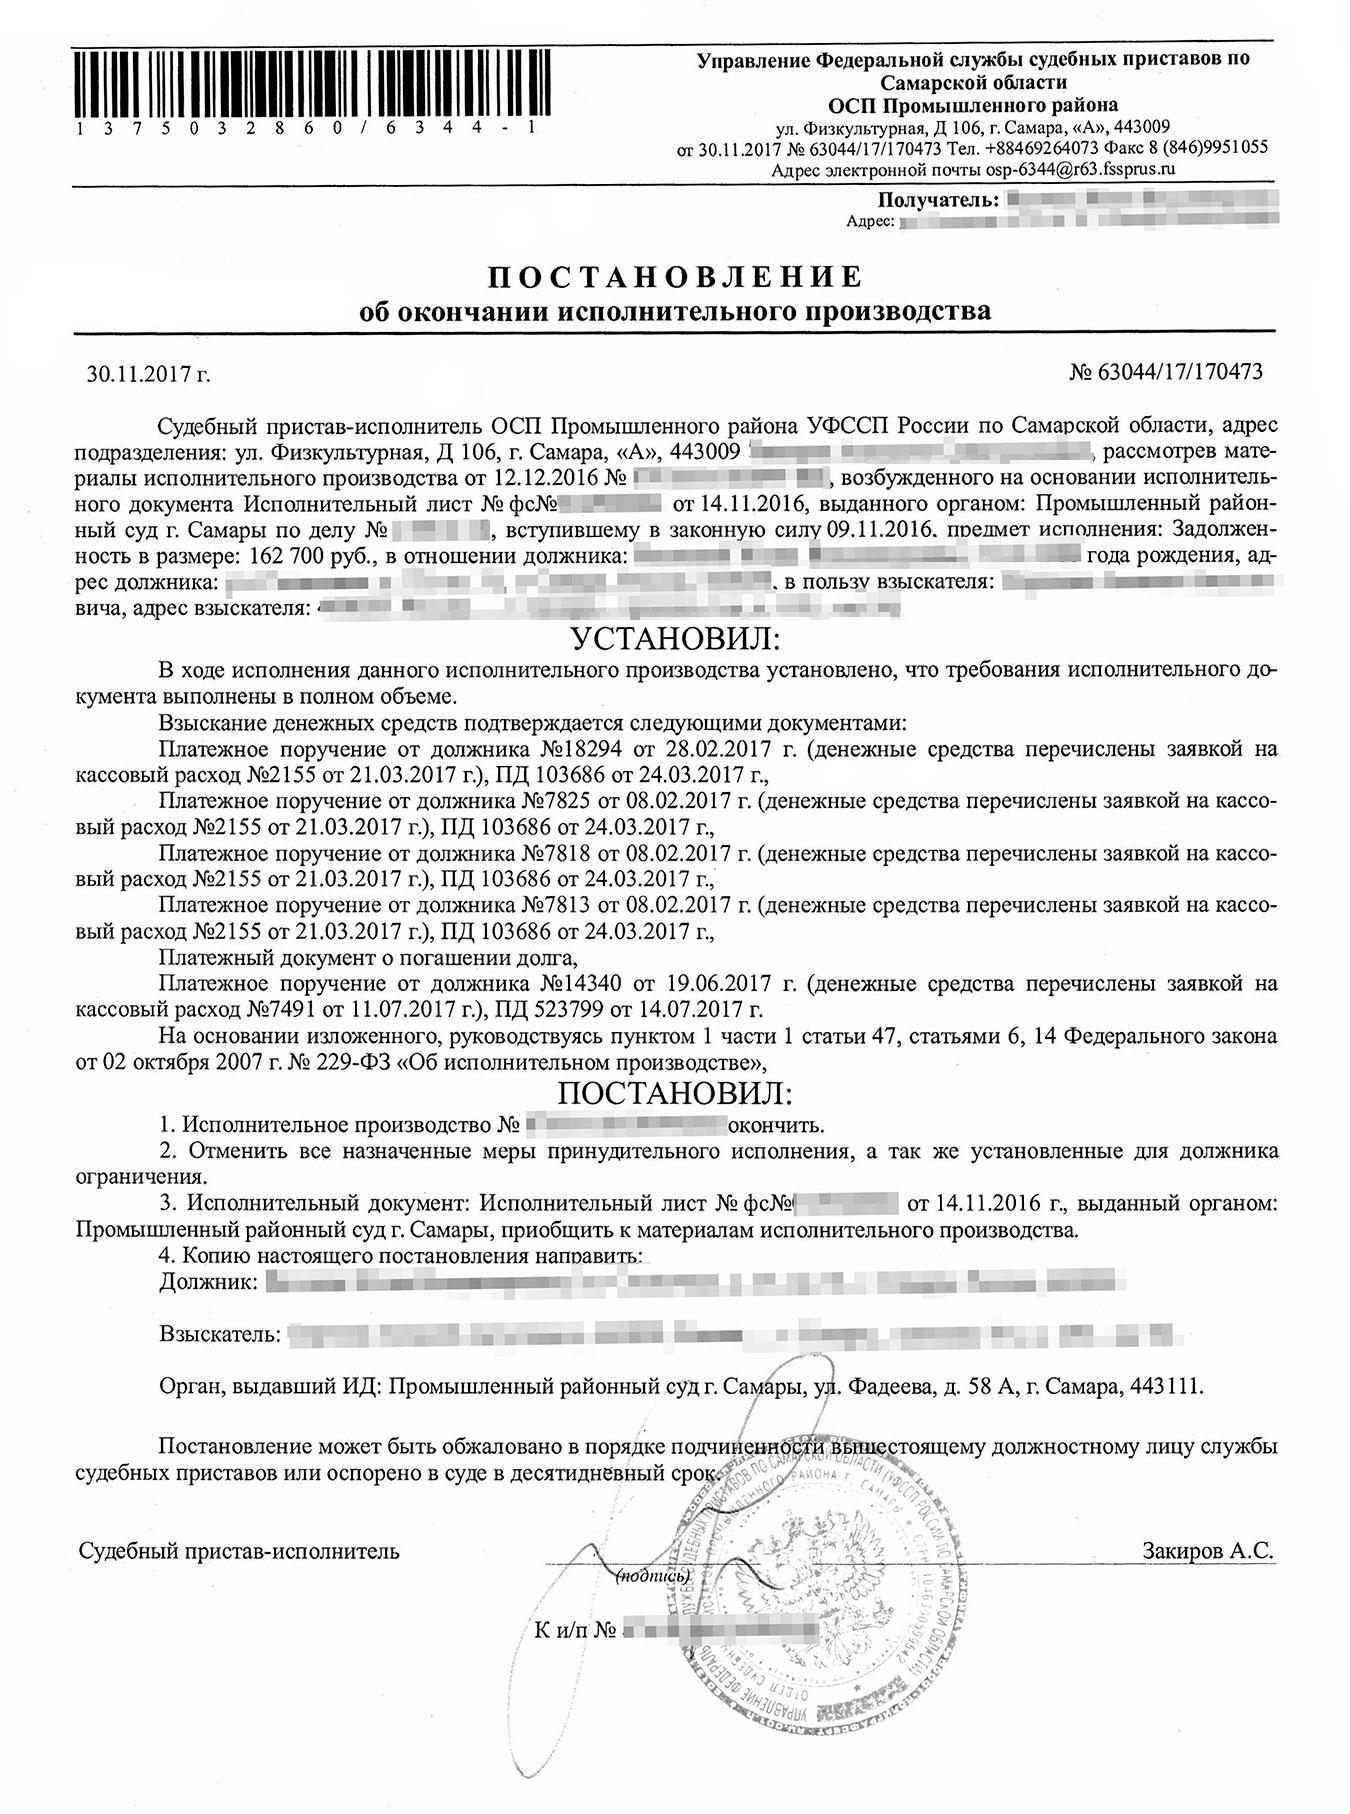 Такое постановление об окончании исполнительного производства Юлия получила от старшего судебного пристава районного отдела — уже со штрихкодом, который нужен длярегистрации постановления